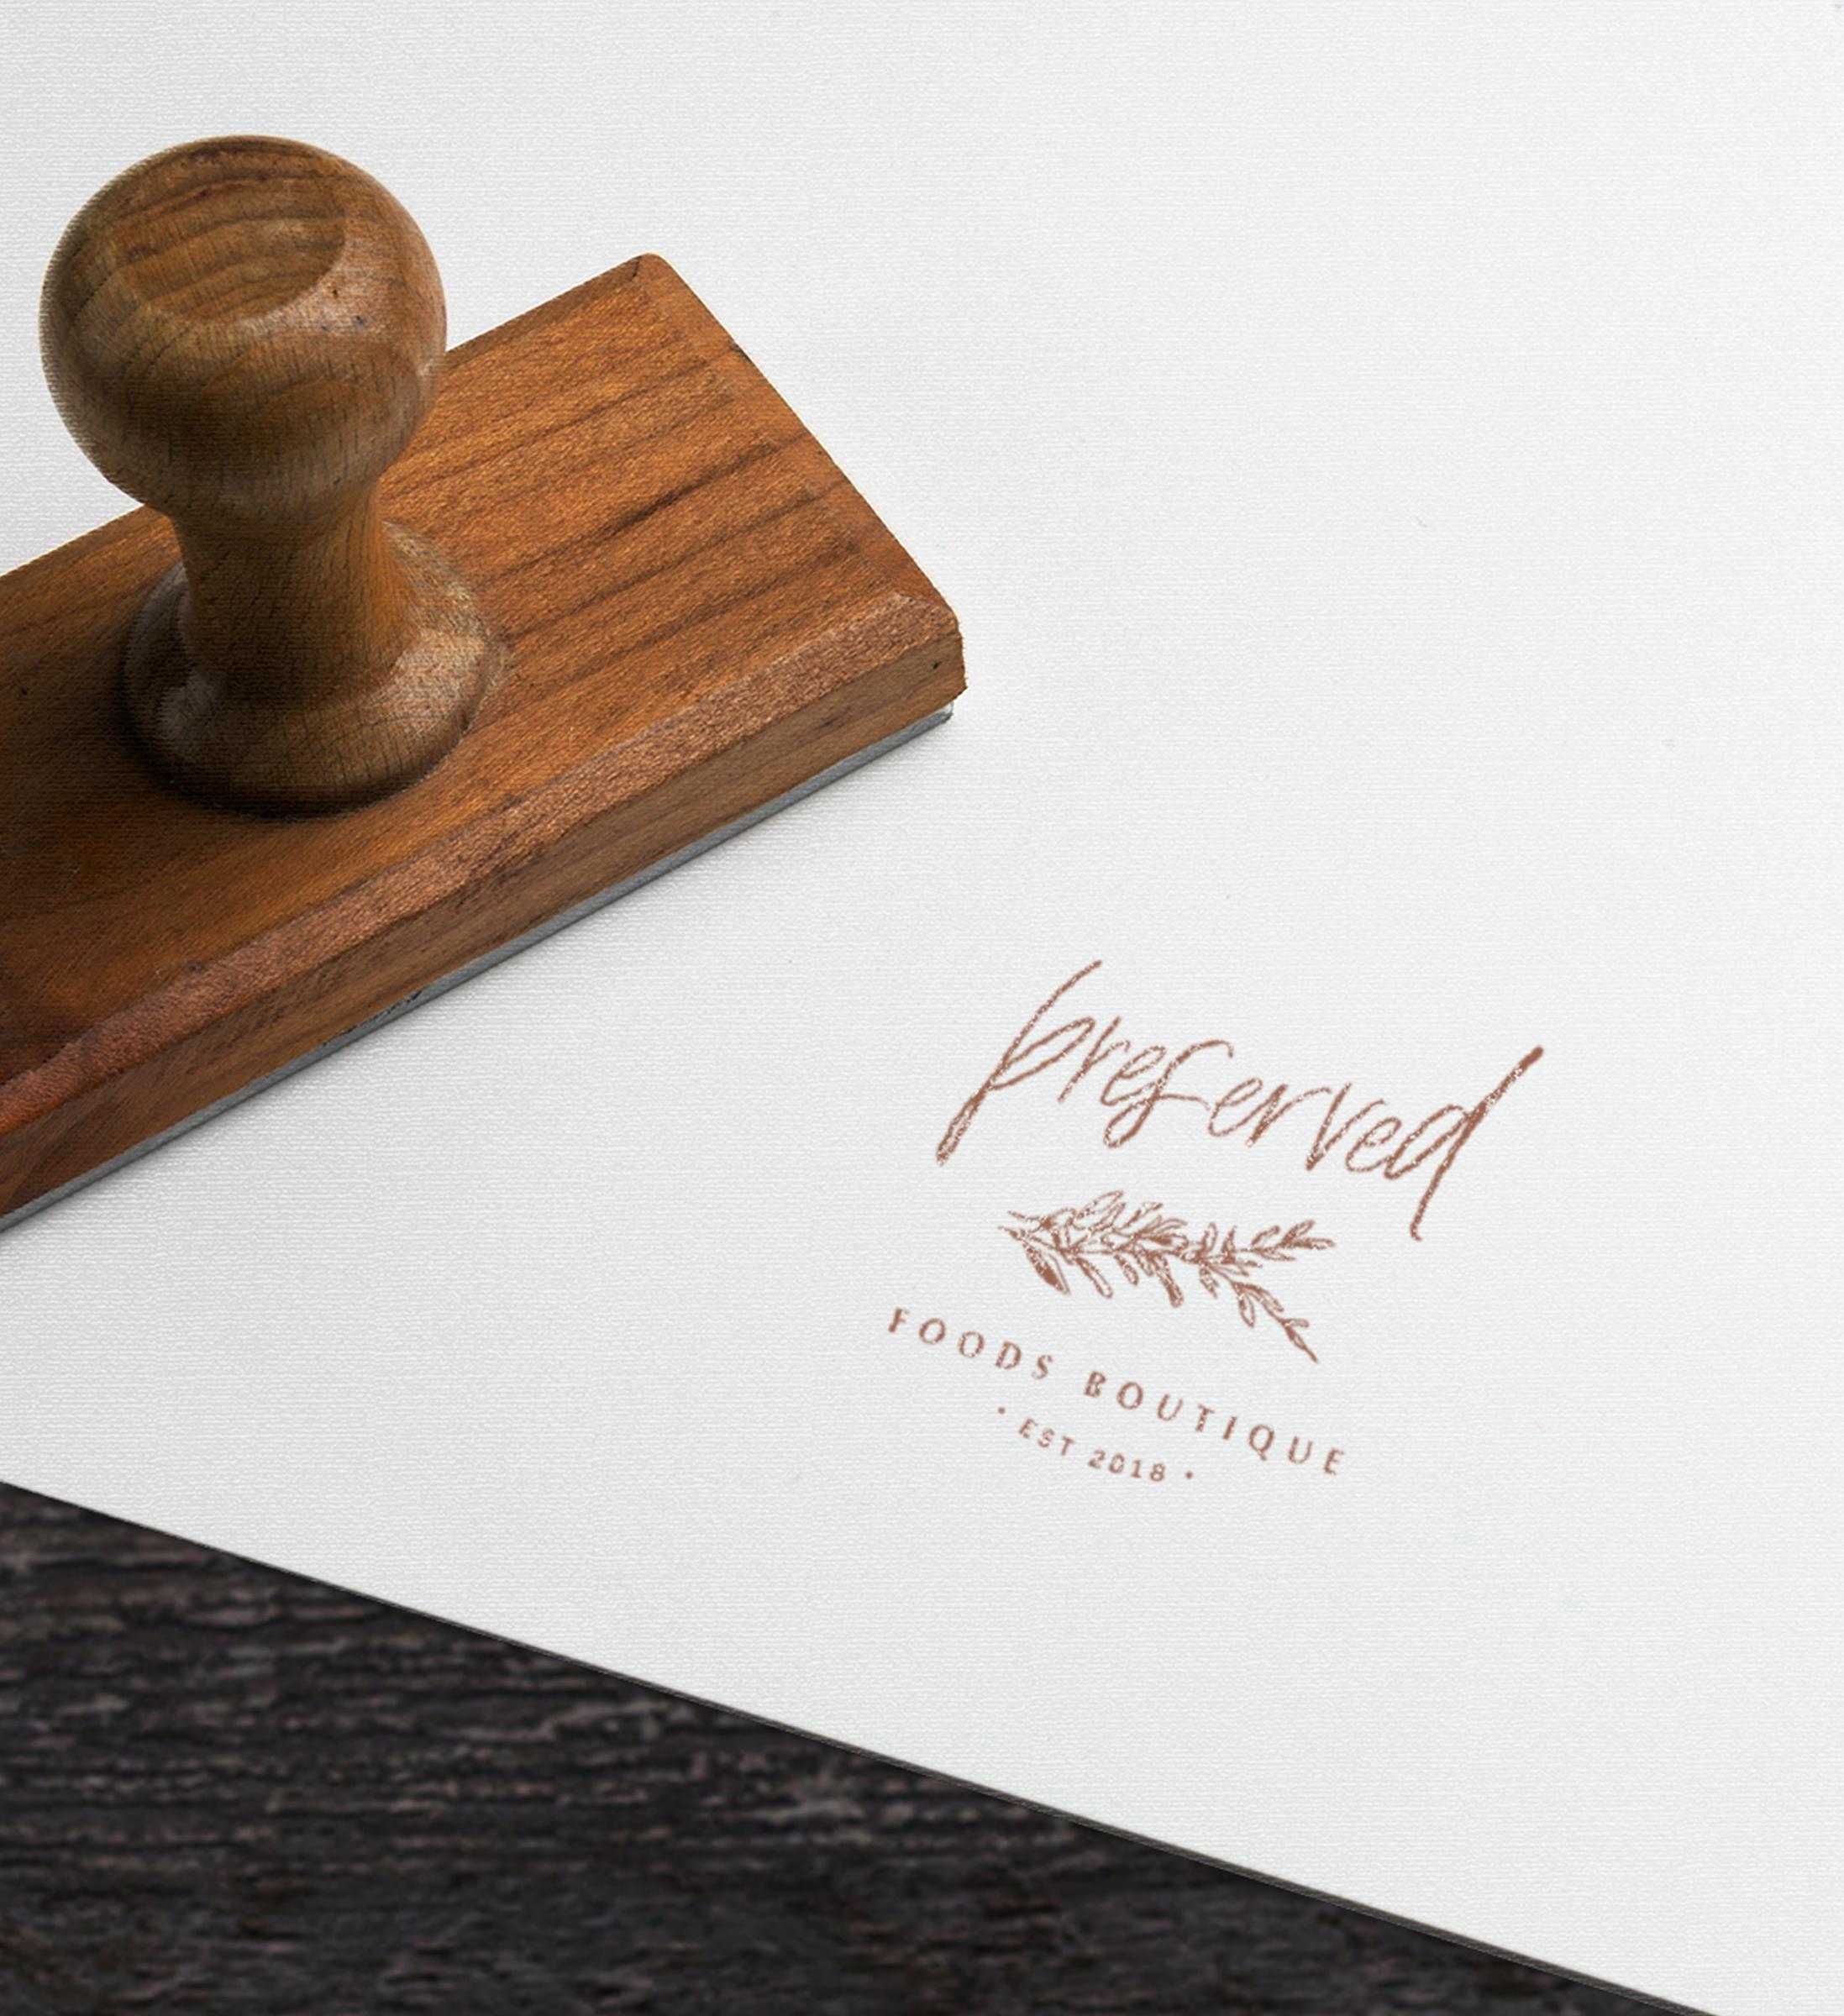 Preserved Foods Boutique // Logo Design // Bexley Design Co